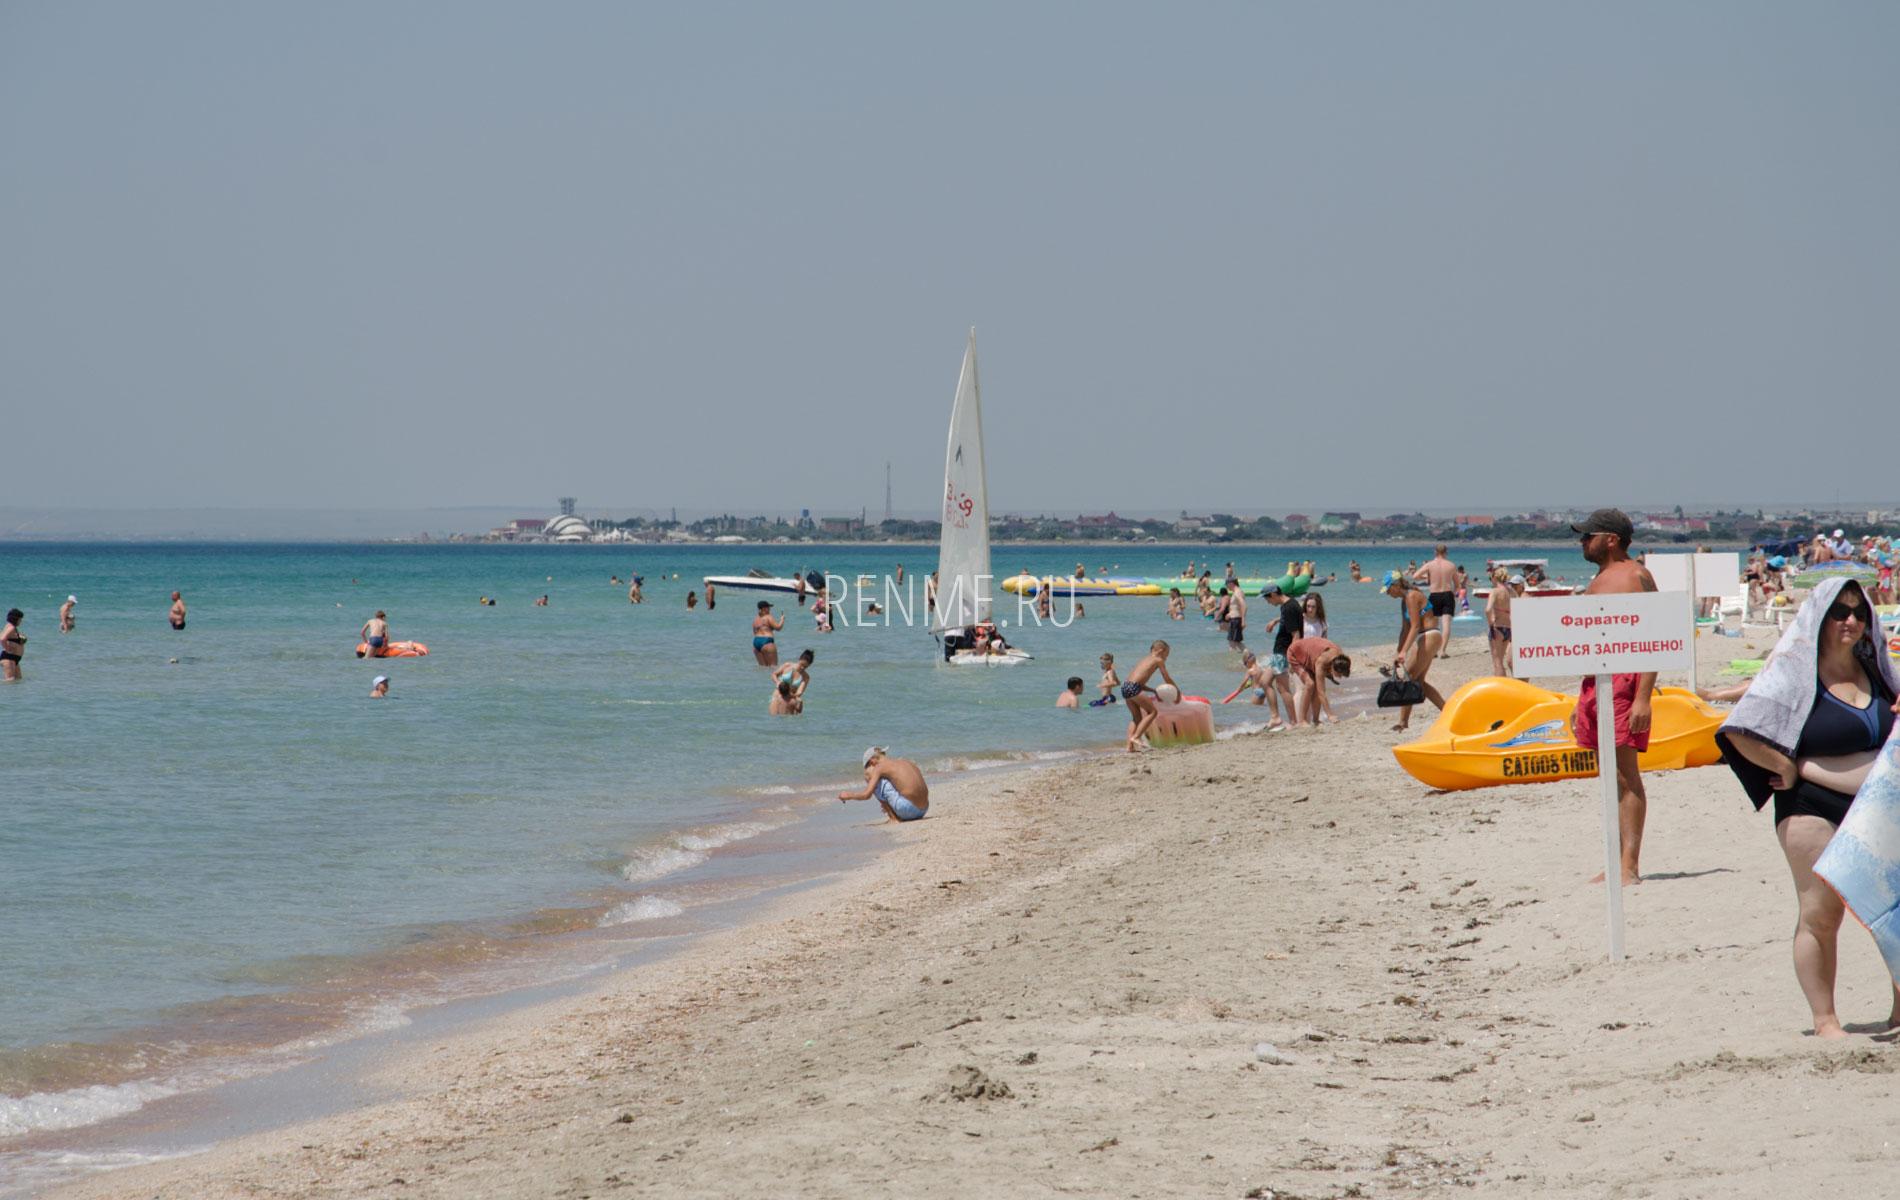 Отдых на пляже с белым песком. Фото Штормового